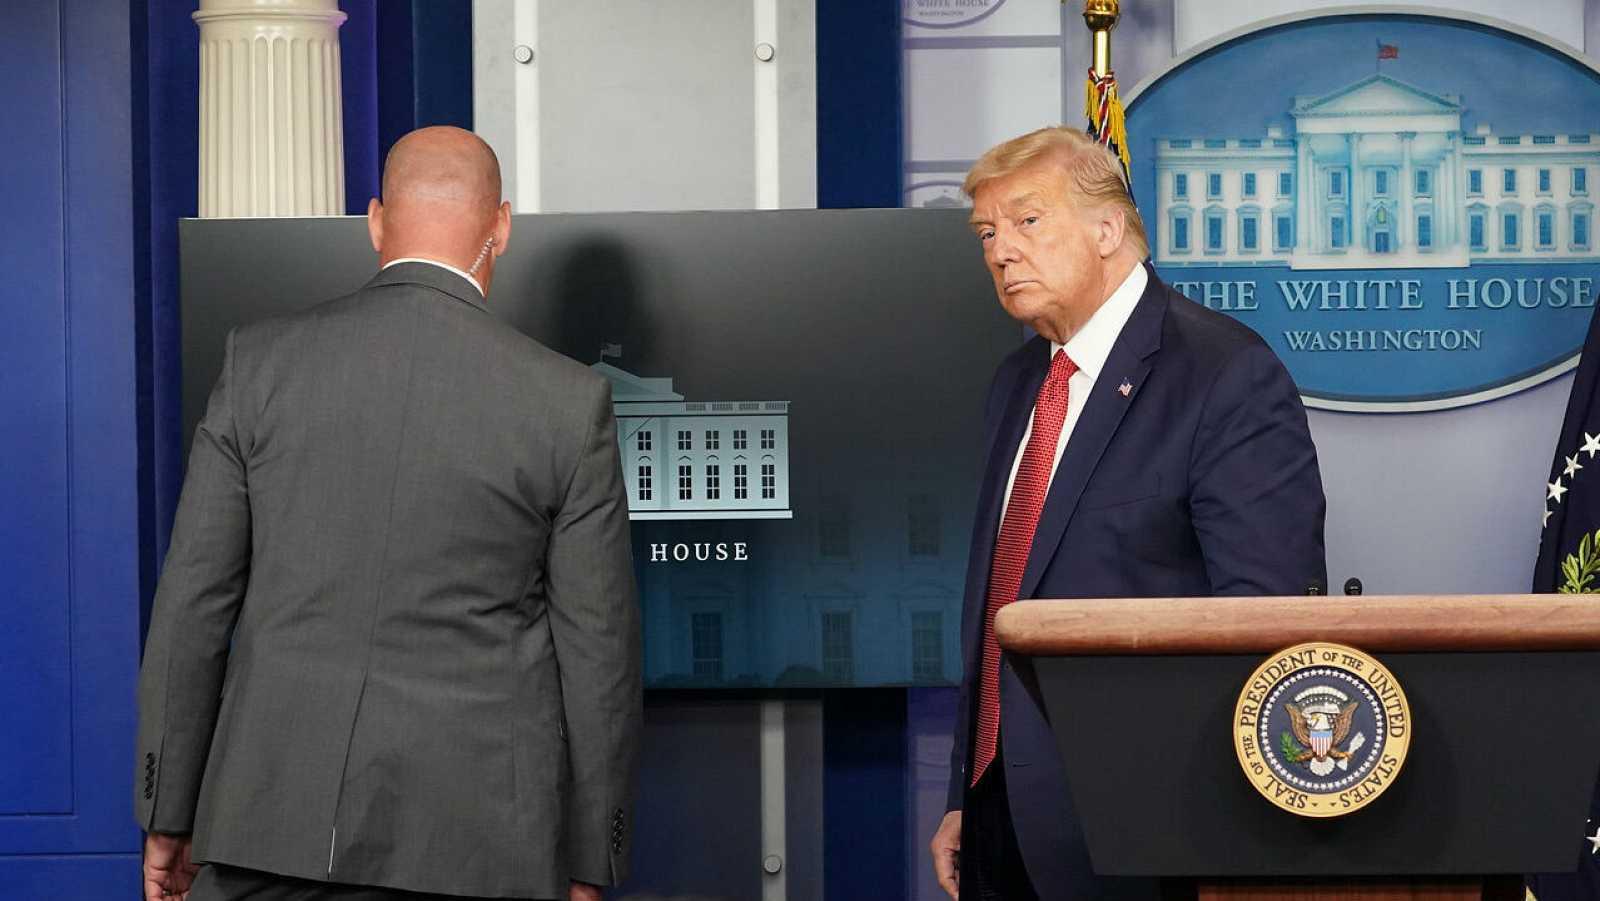 El presidente de los Estados Unidos, Donald Trump, abandona una rueda de prensa sobre la pandemia de coronavirus en la Casa Blanca, en Washington, acompañado por un agente del Servicio Secreto de EE.UU.